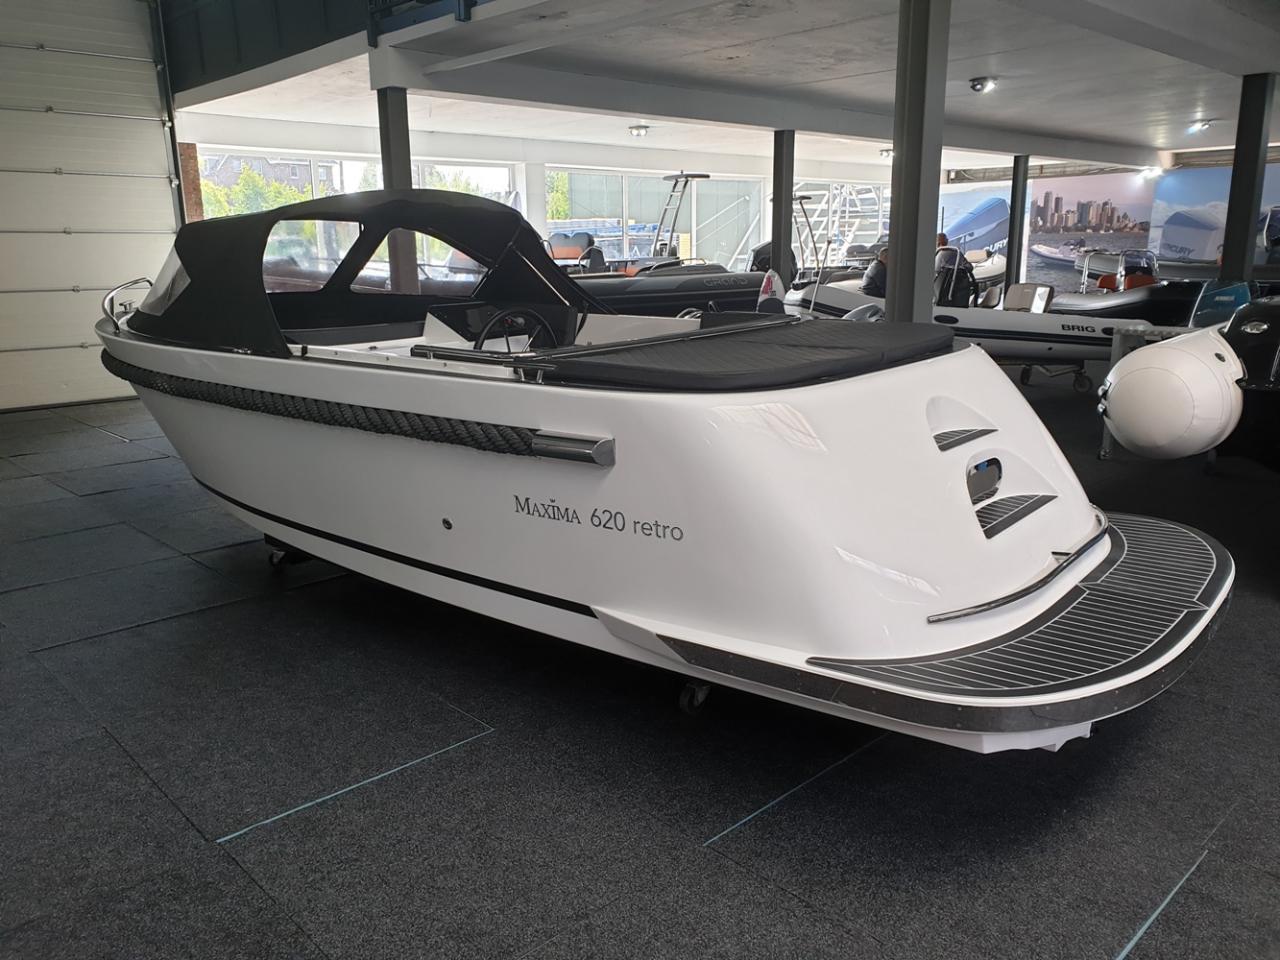 Maxima 620 Retro met Honda 40 pk OP VOORRAAD! 2